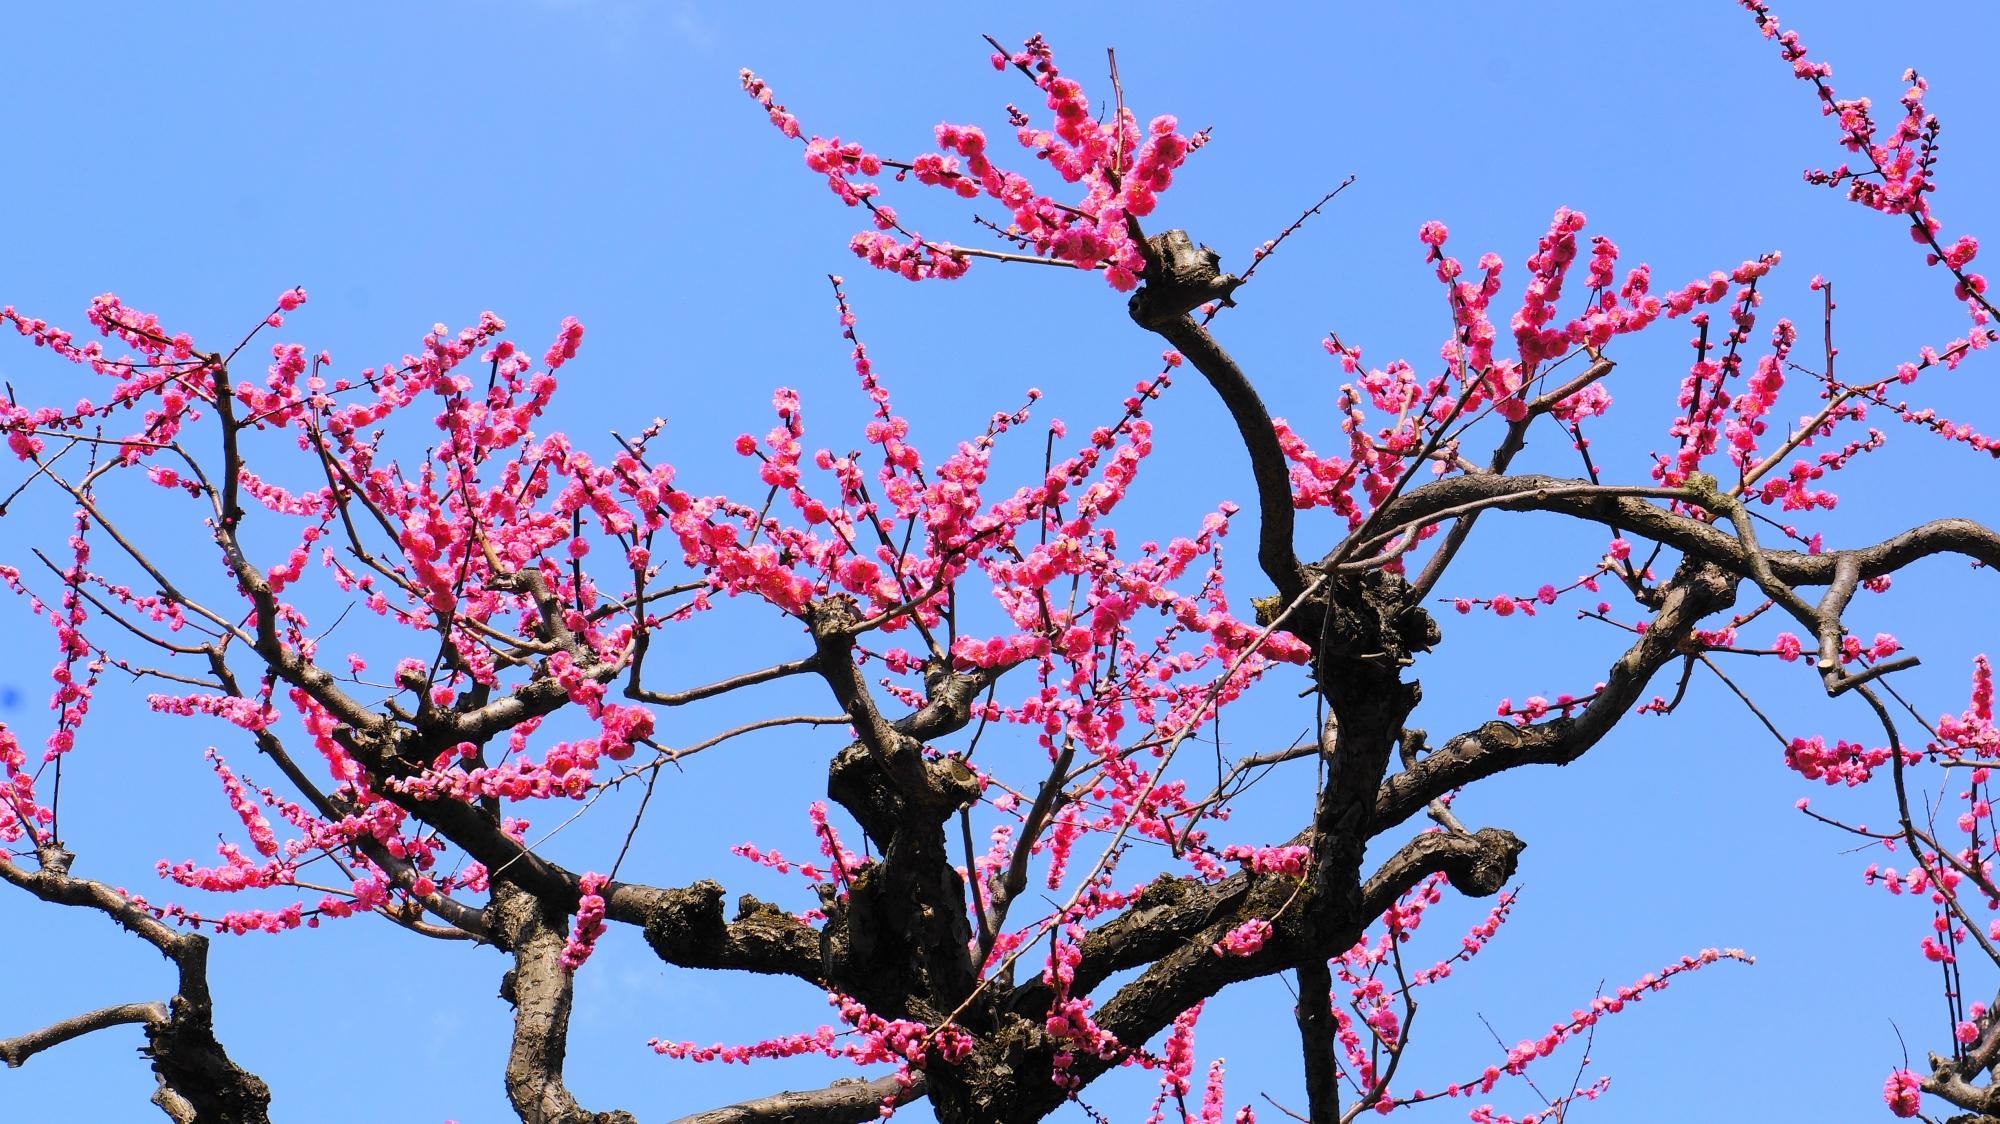 青空を彩る芸術的な梅の枝と花